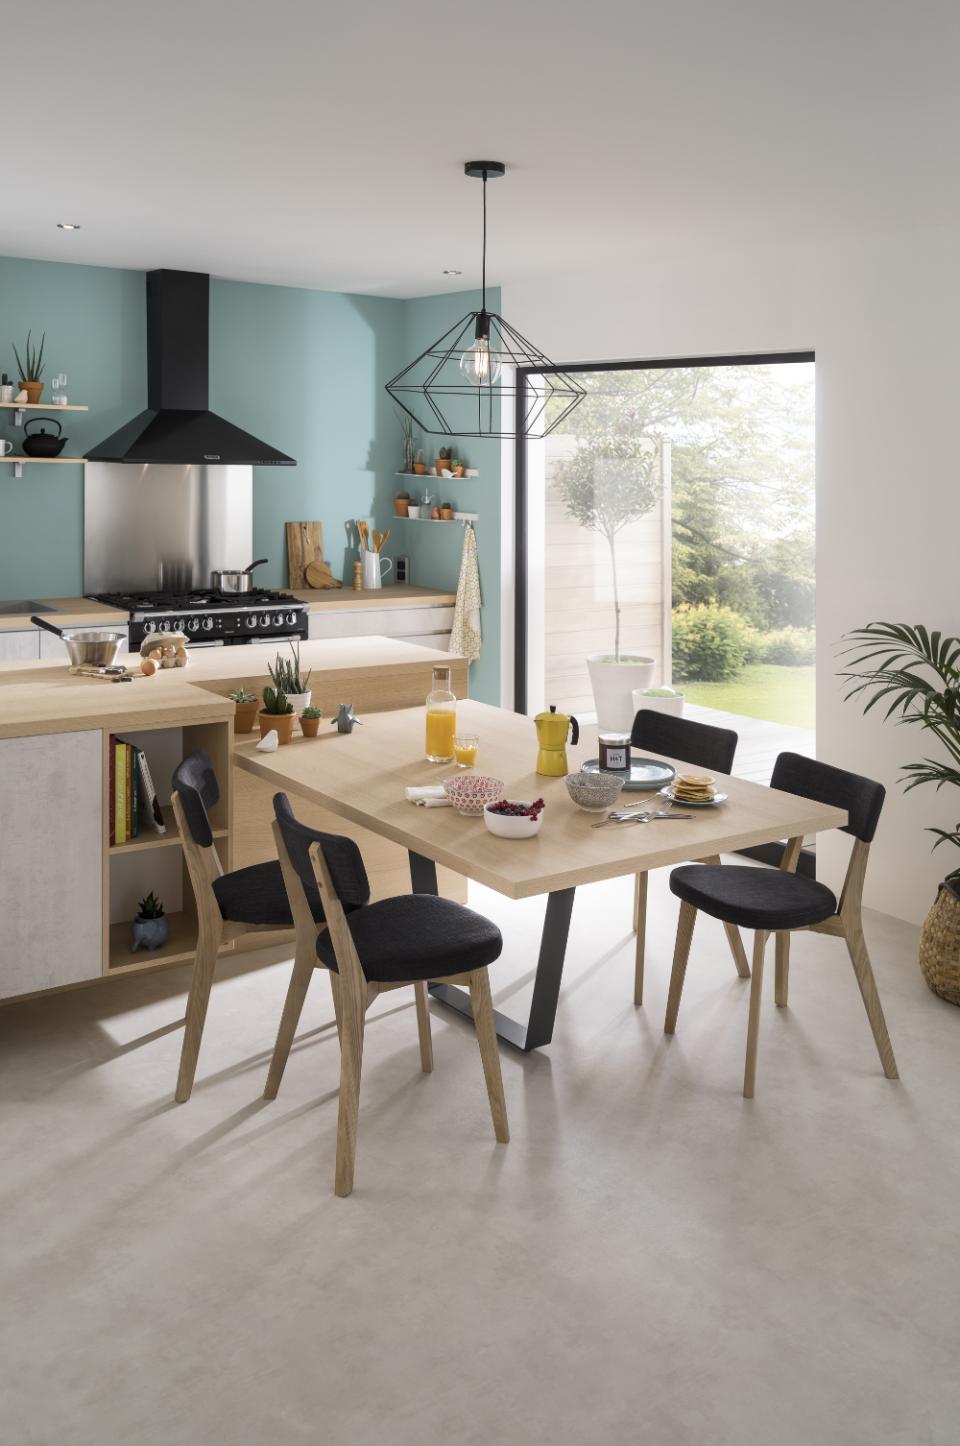 Modele De Cuisine Avec Coin Repas cooking louise | coin repas, décoration maison et repas